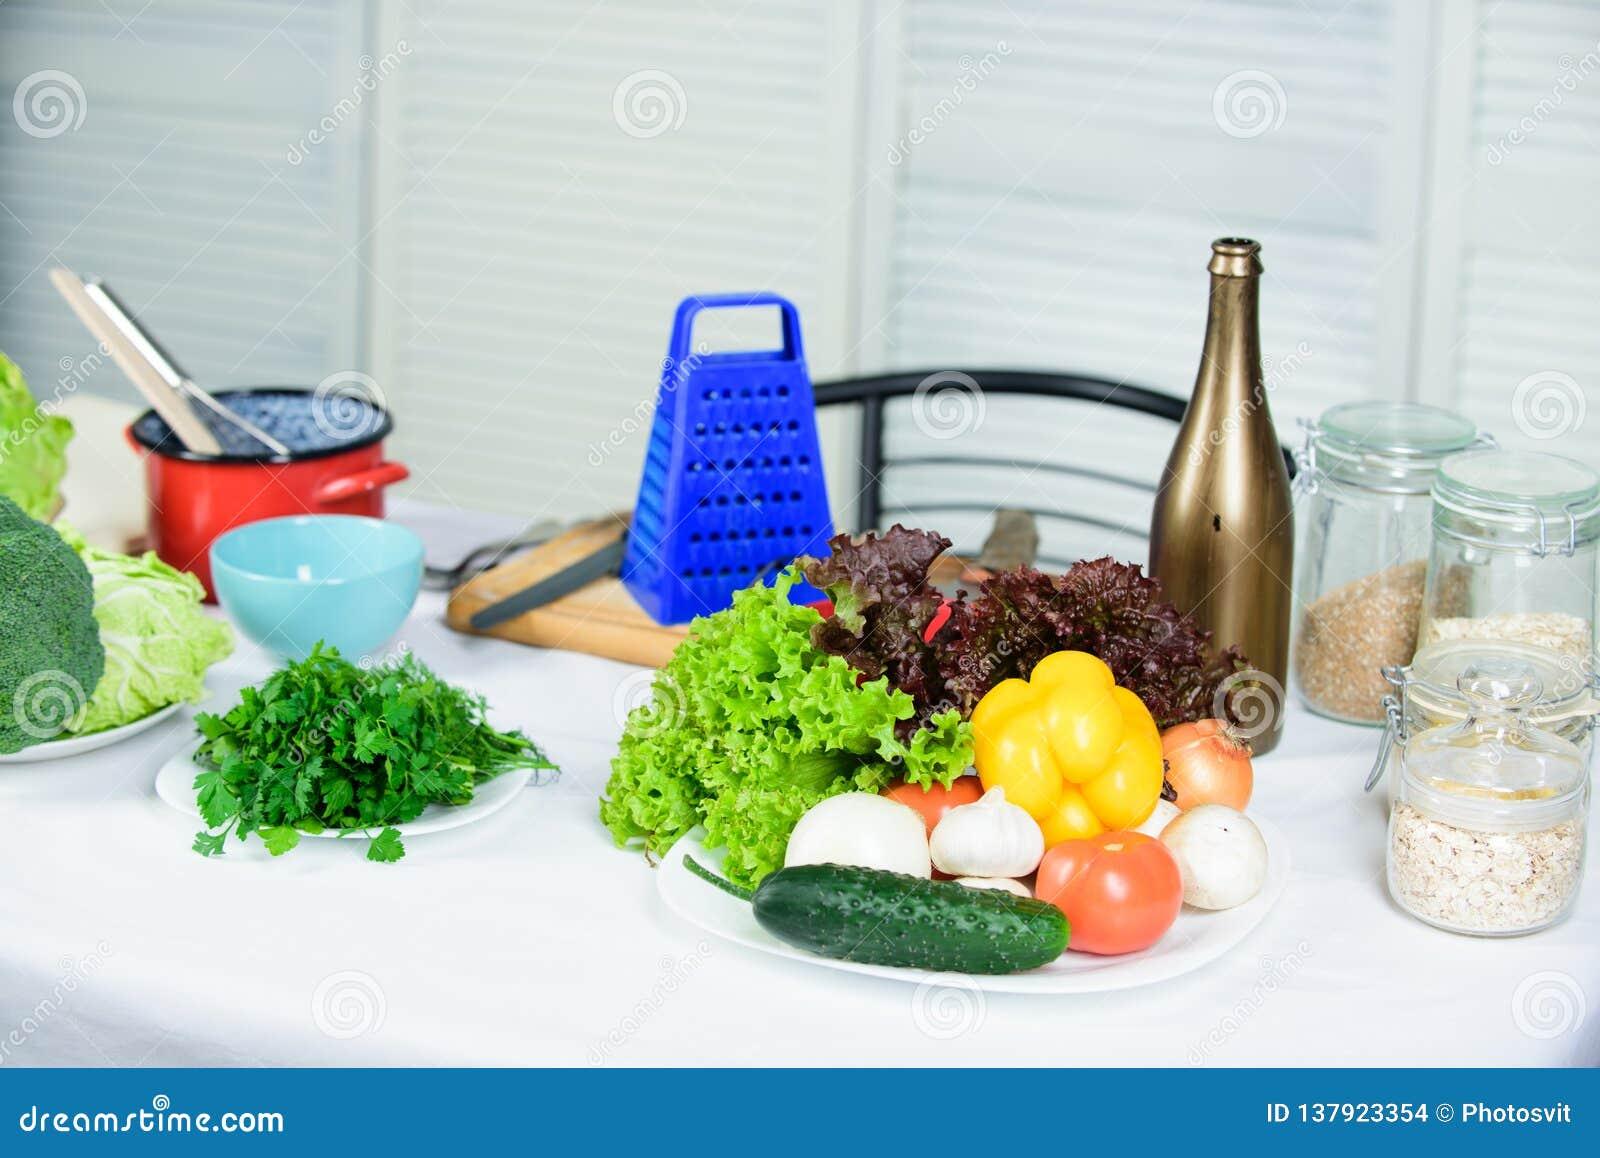 Cottura delle punte utili delle verdure Tabella con gli utensili e gli ingredienti culinari delle verdure Benvenuto al mondo dei